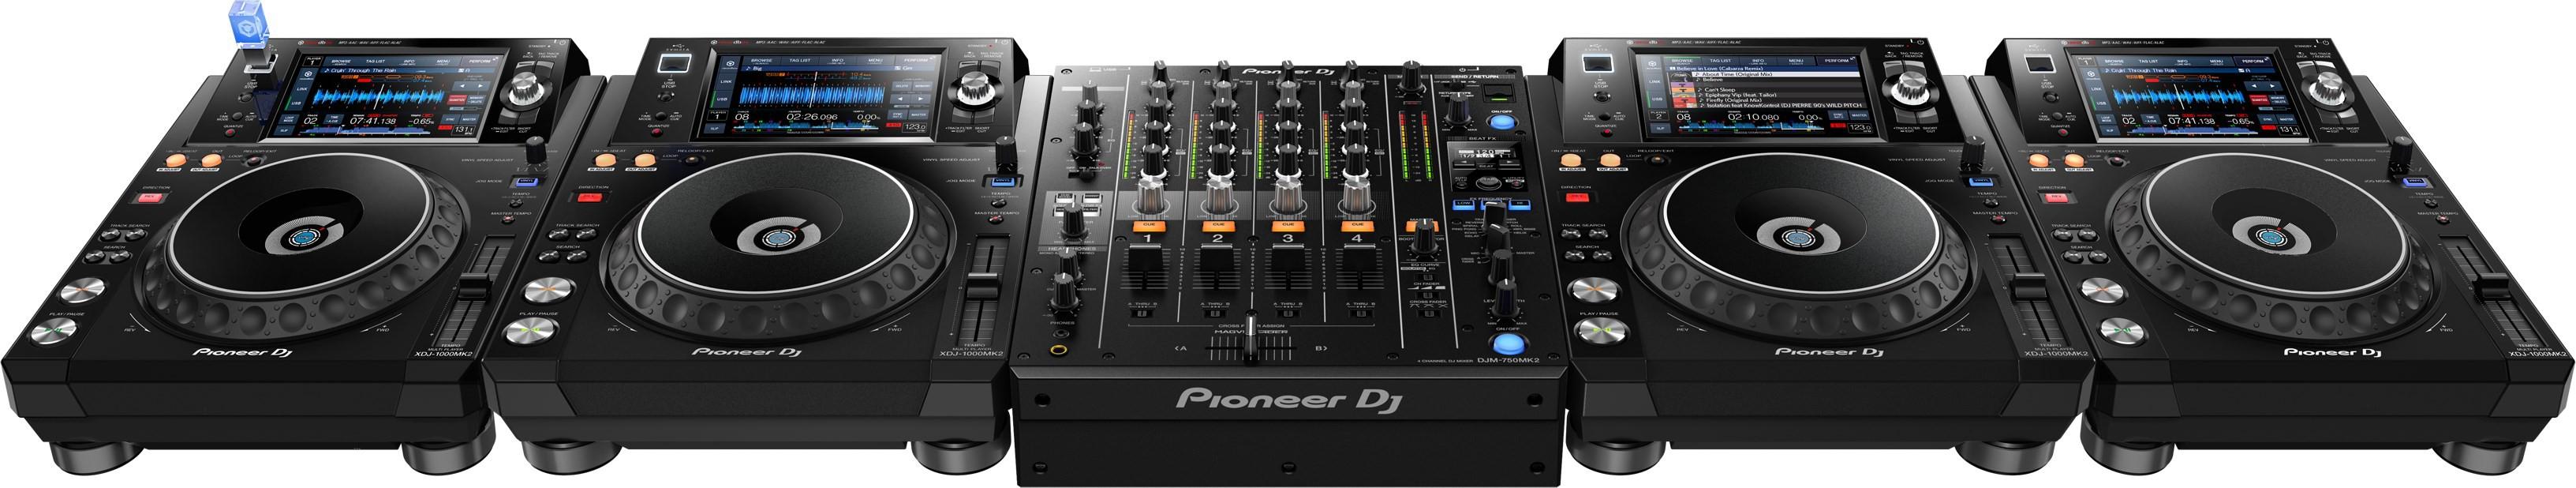 Pioneer Djm 750mk2 1 199 00 Pi Djm 750mk2 Pioneer